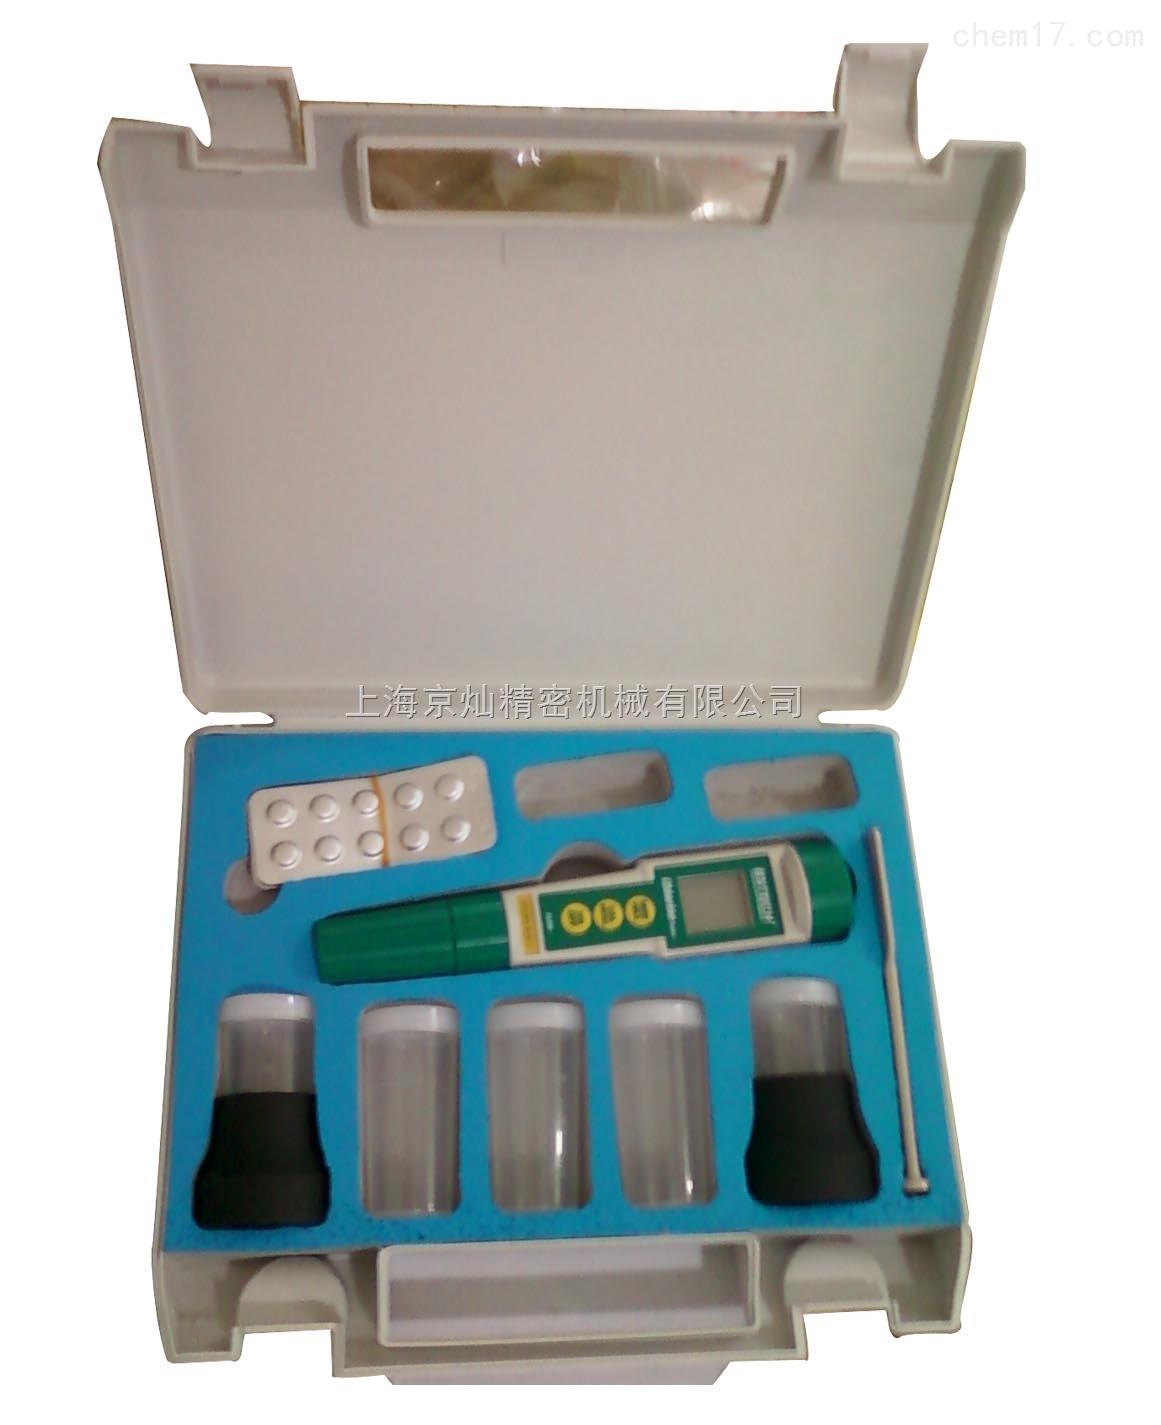 国产笔式余氯分析仪